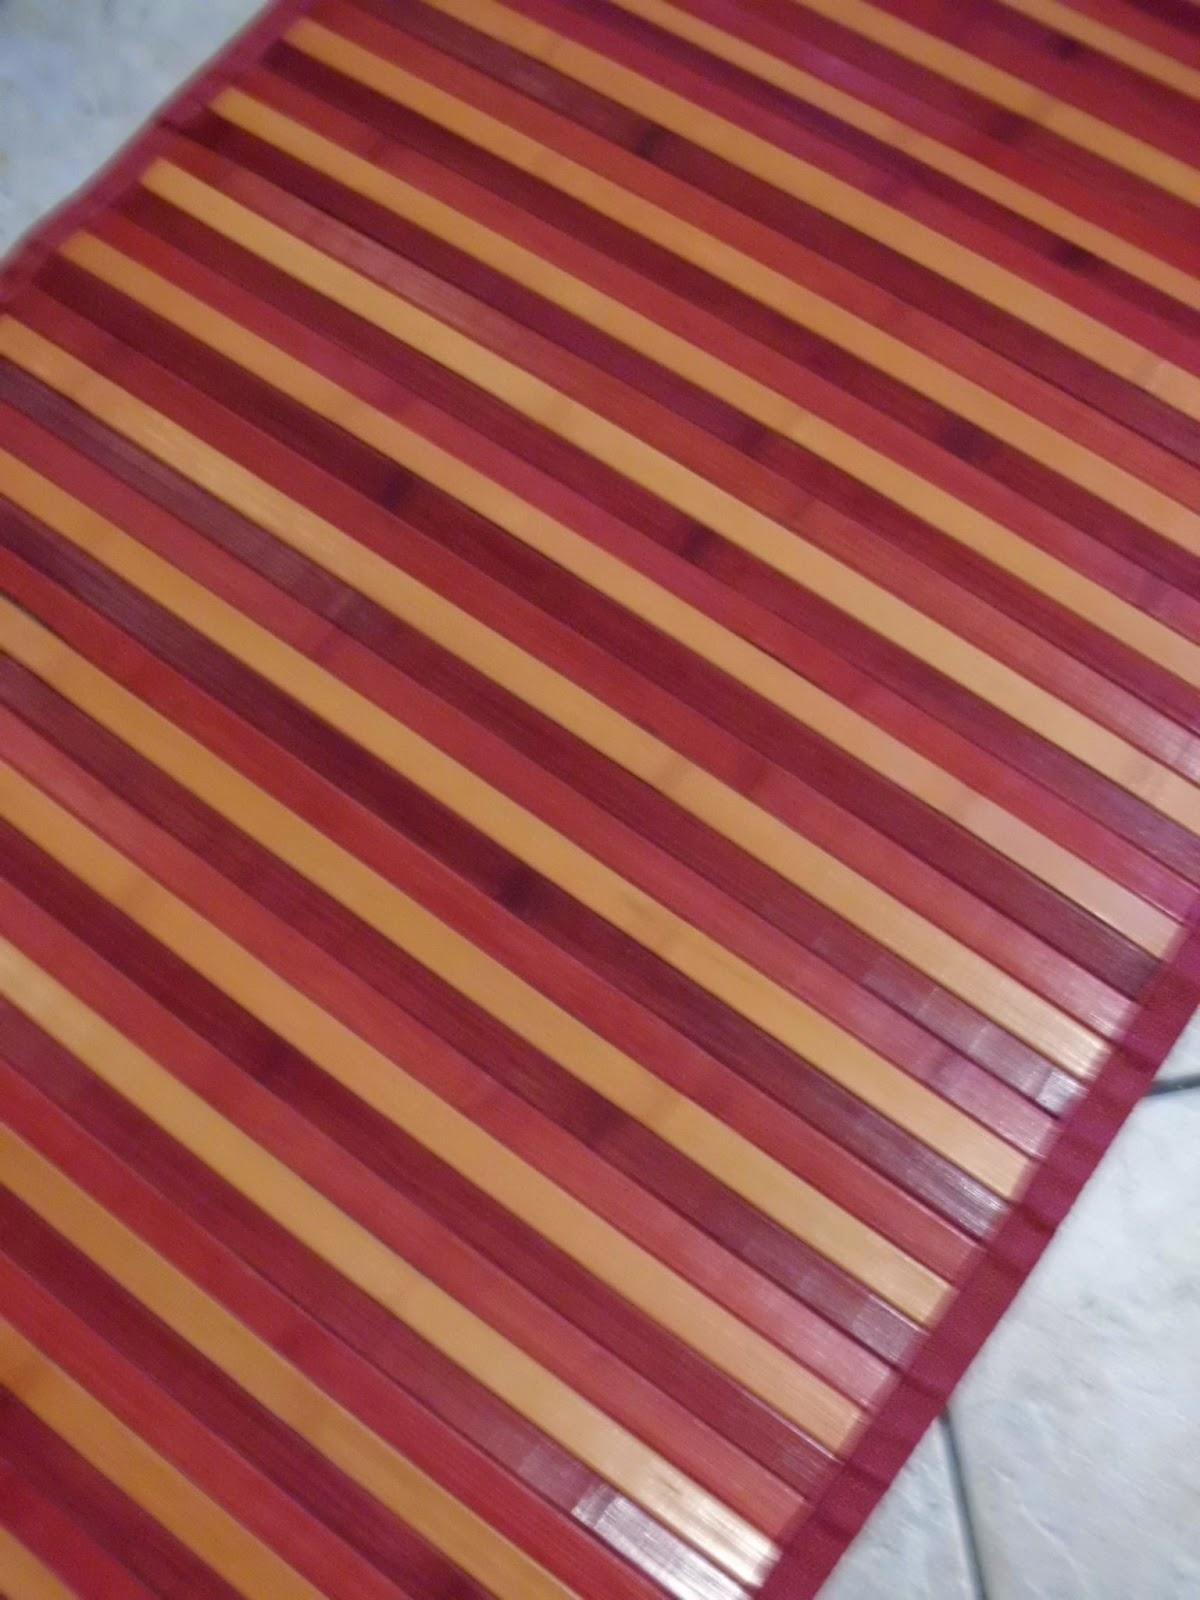 Tappeti cucina cotone e bamboo tappeti cuscini copridivani articoli tessili prodotti tessili - Tappeti da cucina in cotone ...